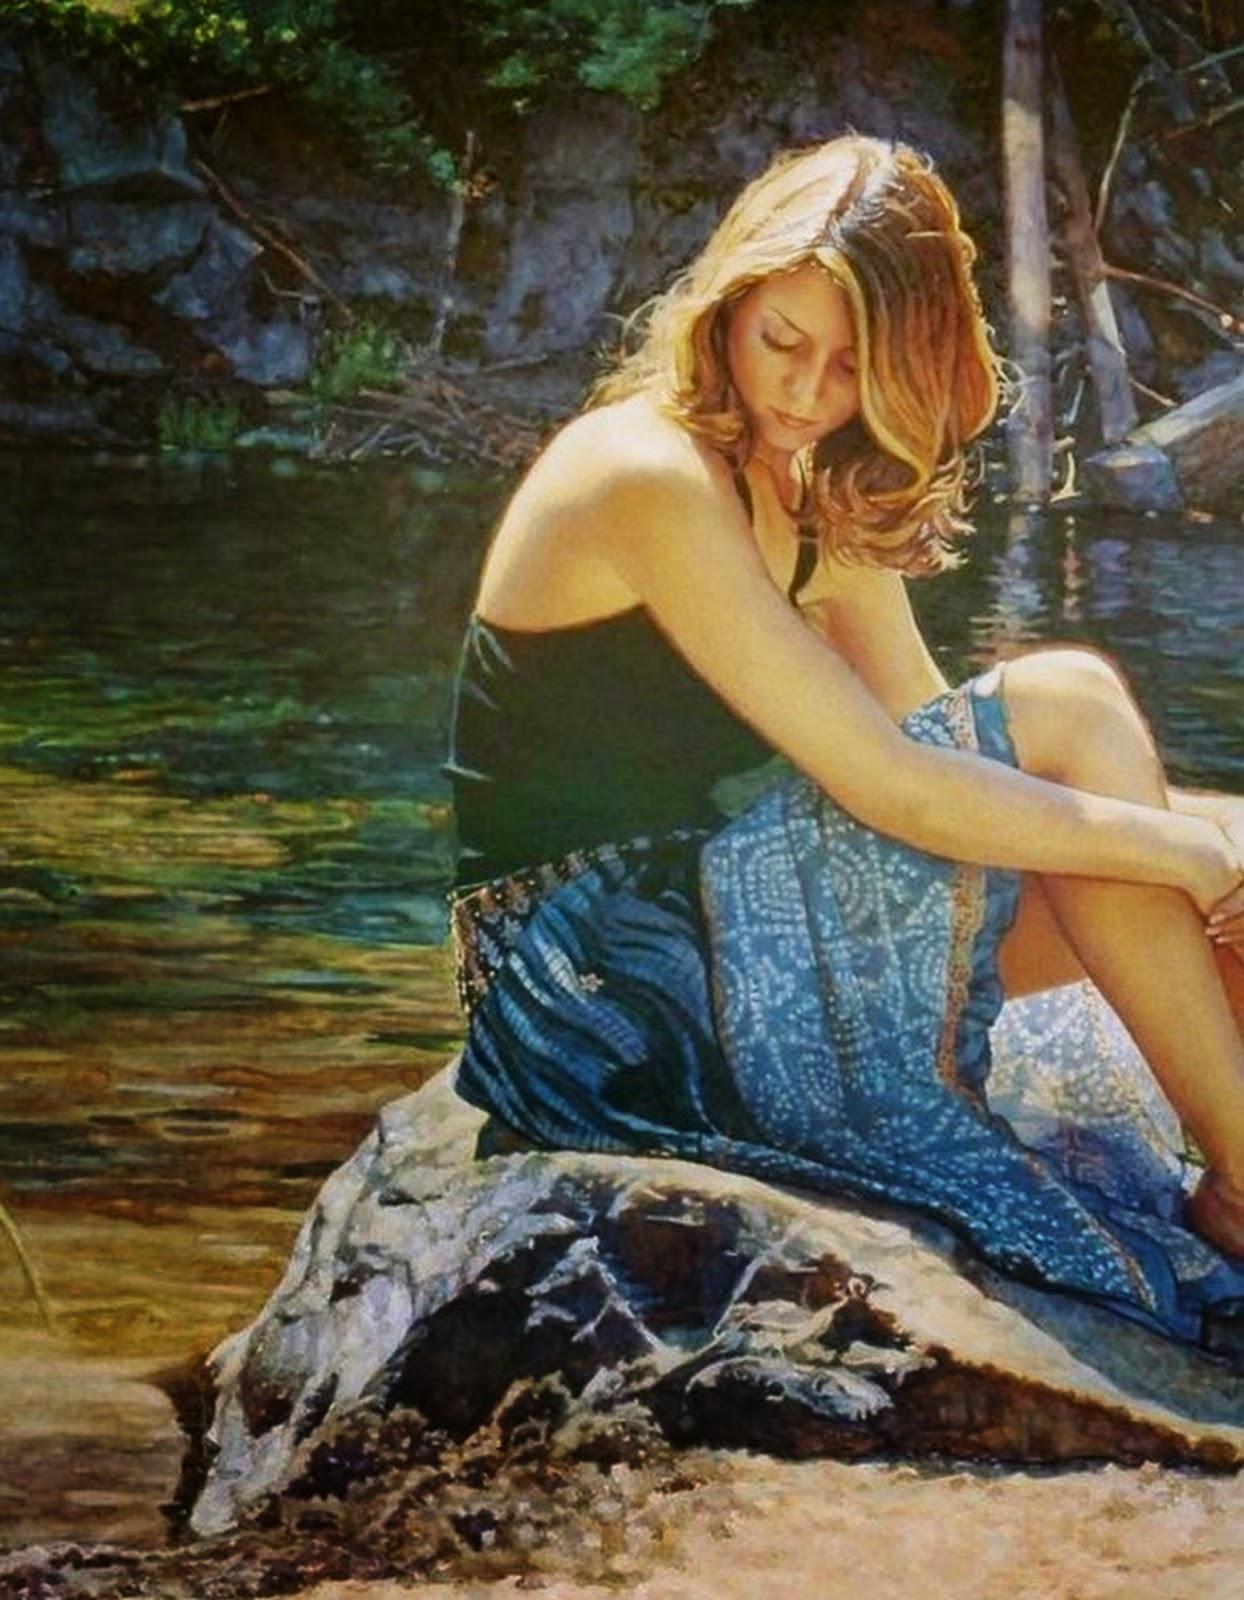 cuadros-de-mujeres-en-paisajes-naturales